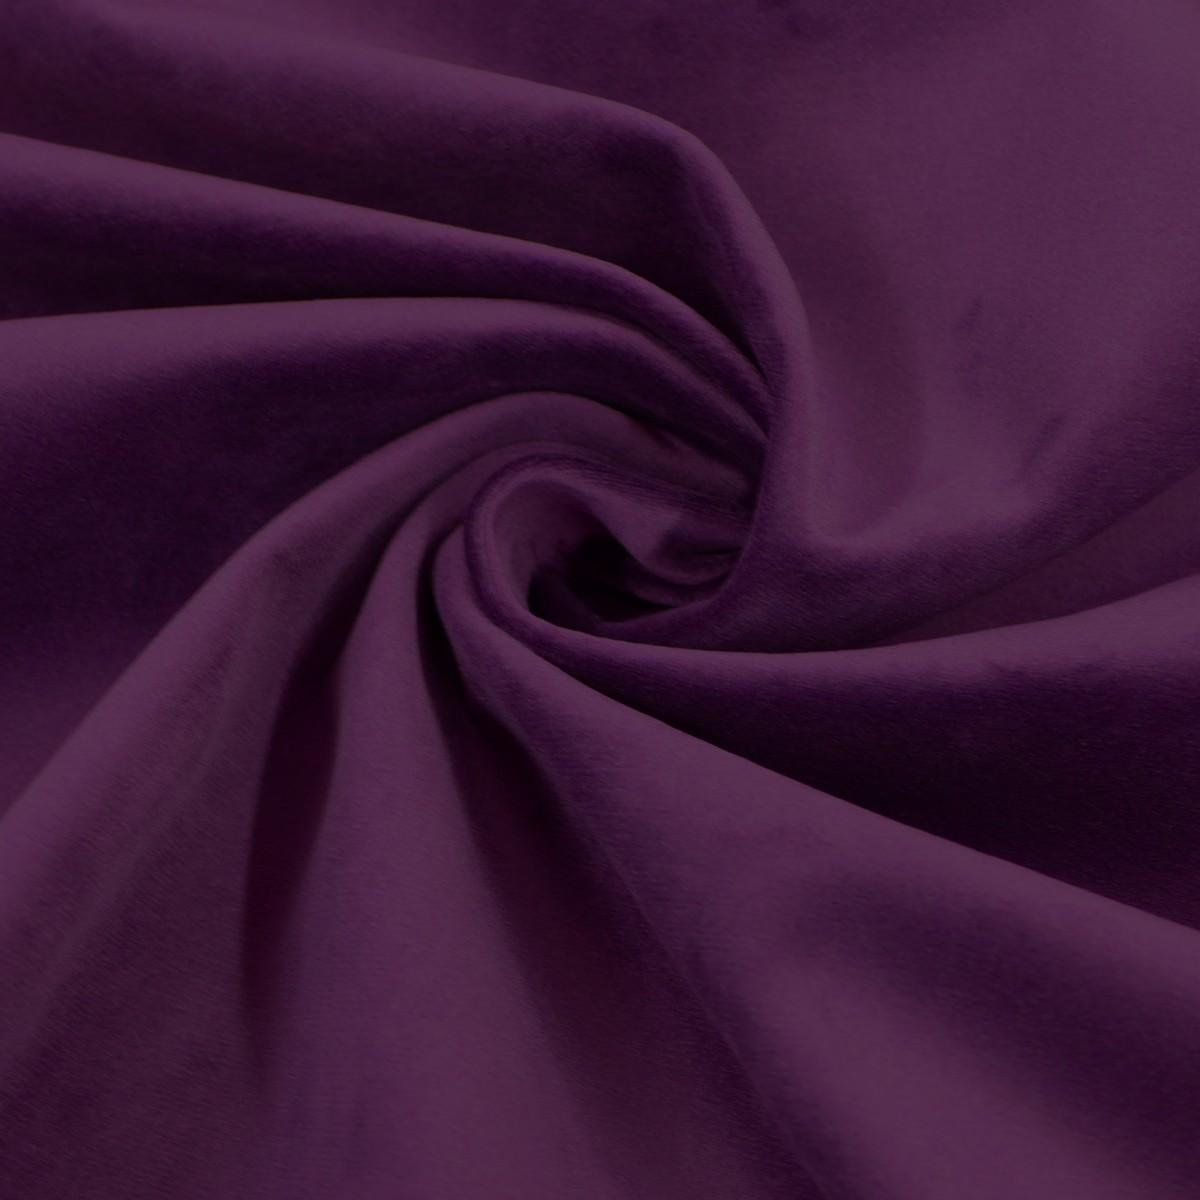 Möbelstoff Polsterstoff Bezugstoff Samtstoff Samt beere lila 1,40m breit